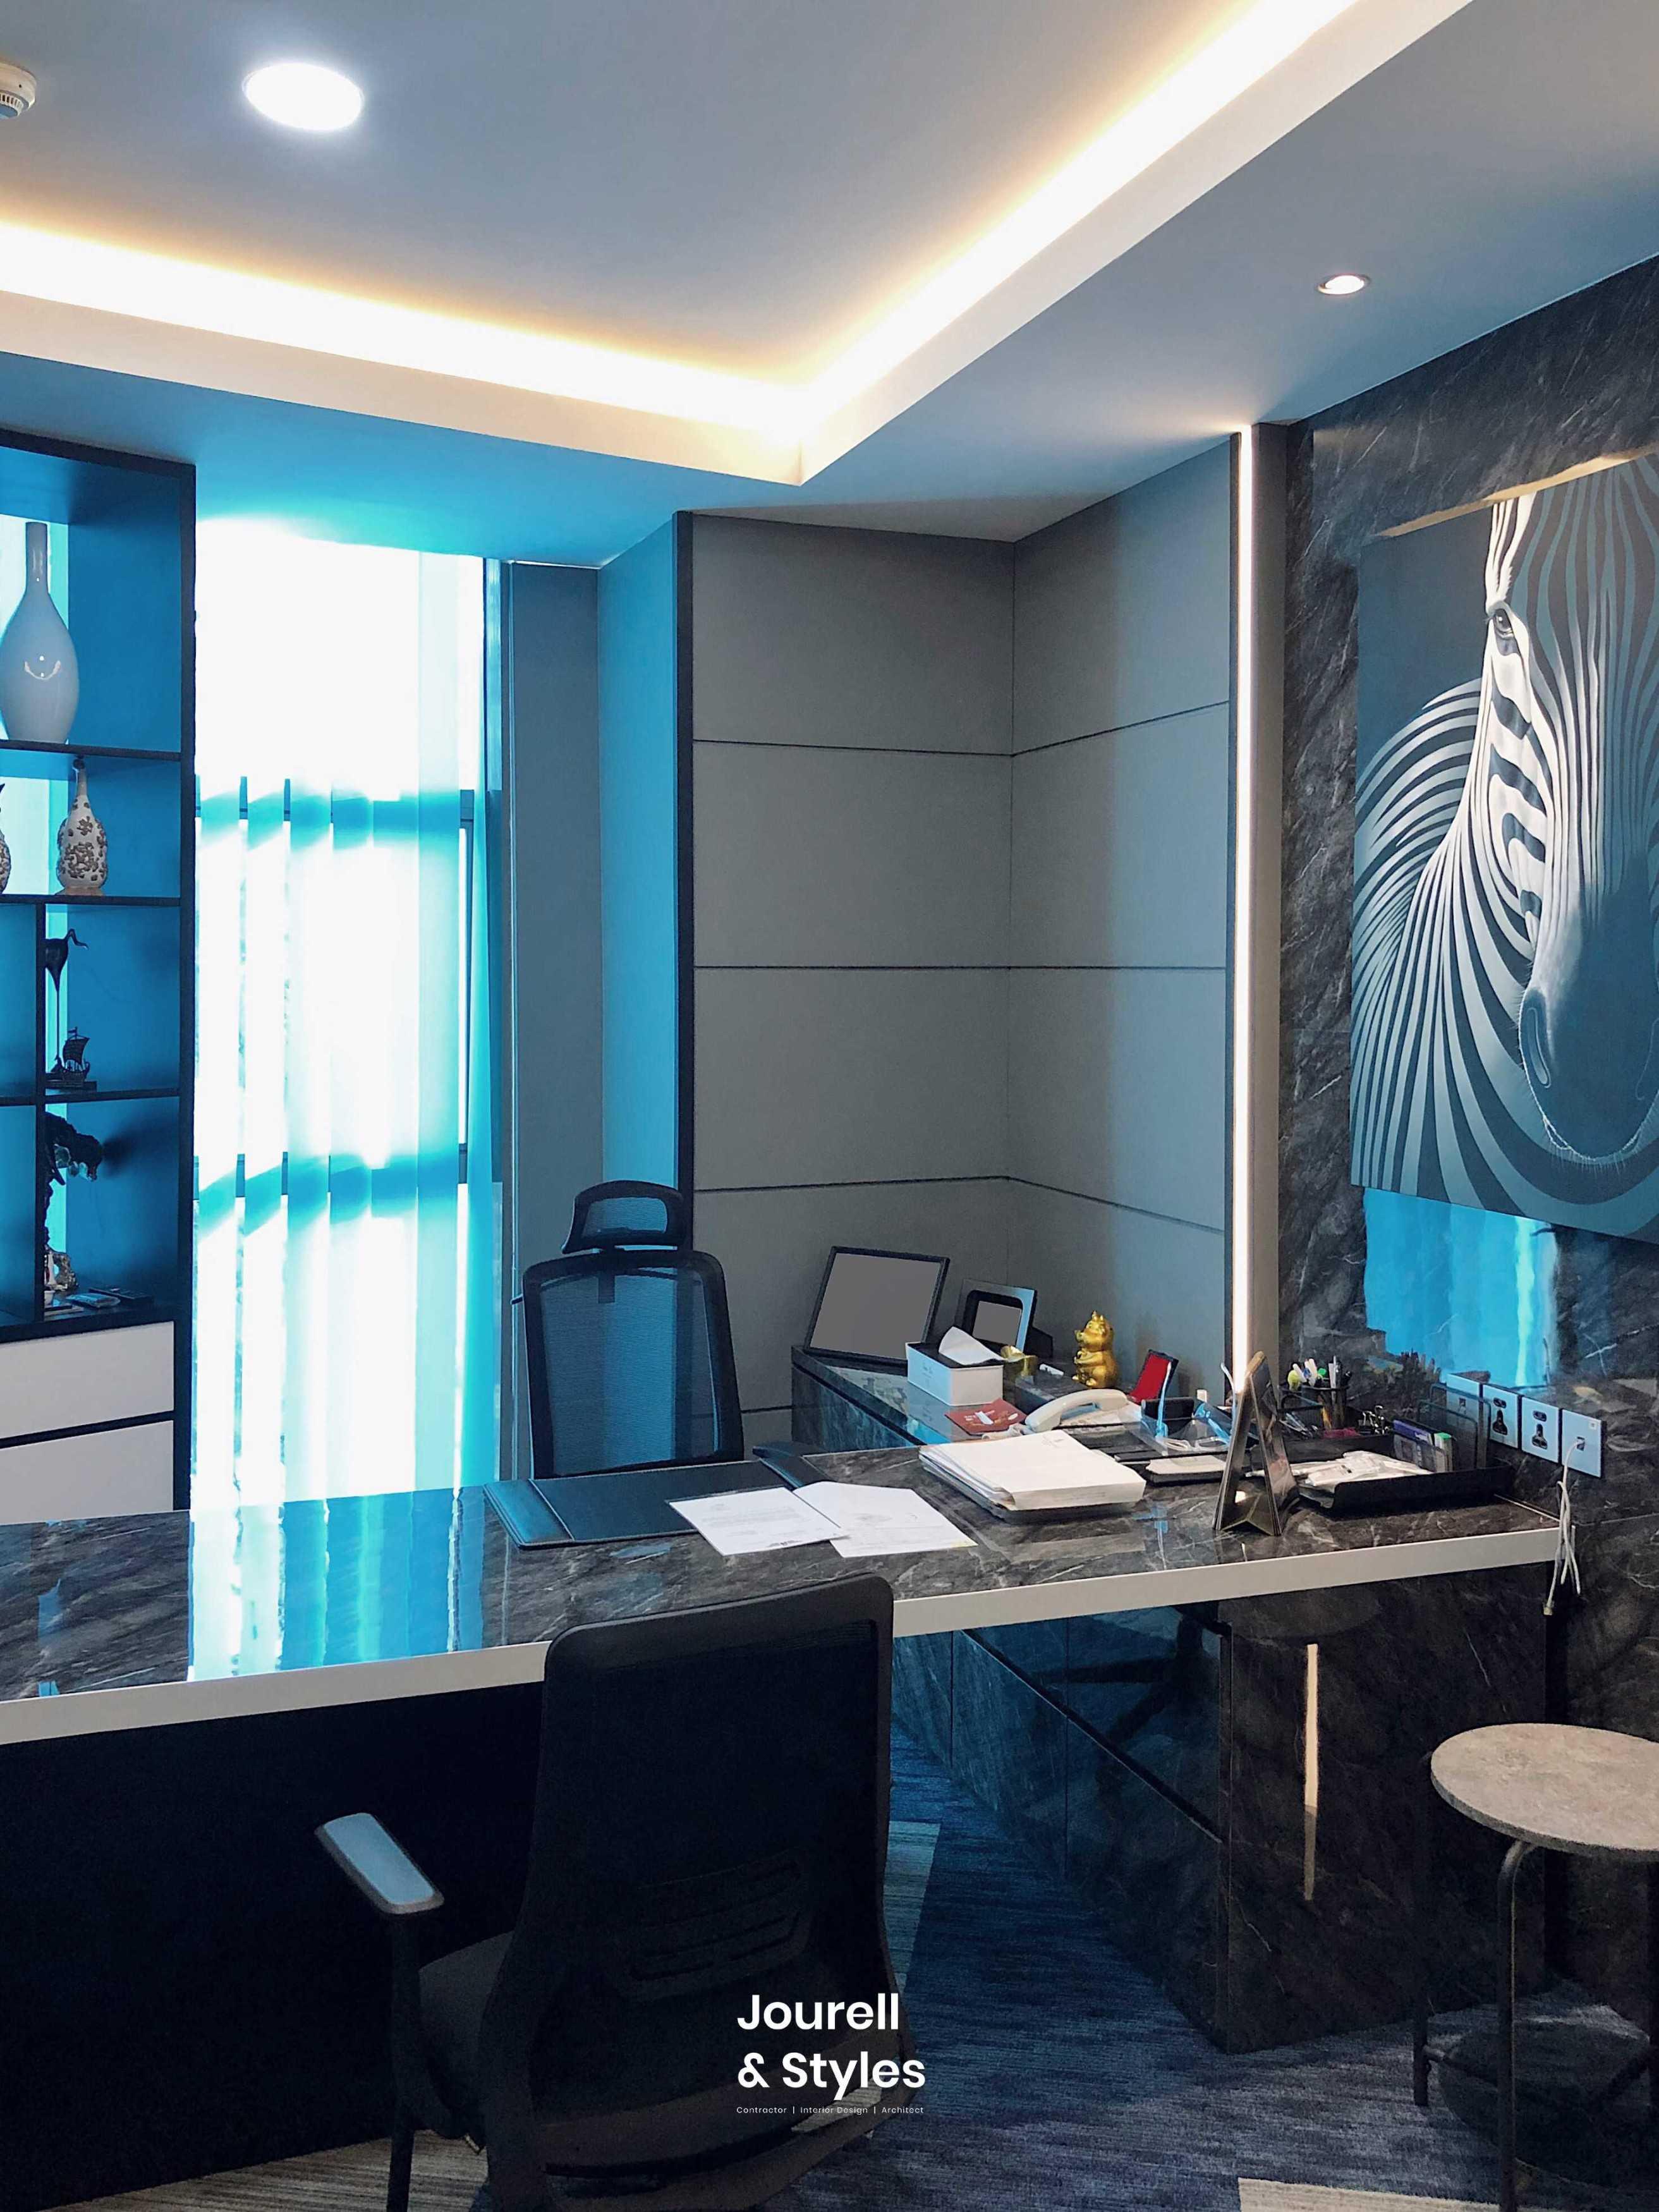 Jourell & Styles Office Trading Jakarta, Daerah Khusus Ibukota Jakarta, Indonesia Jakarta, Daerah Khusus Ibukota Jakarta, Indonesia Jourell-Styles-Office-Trading   134550